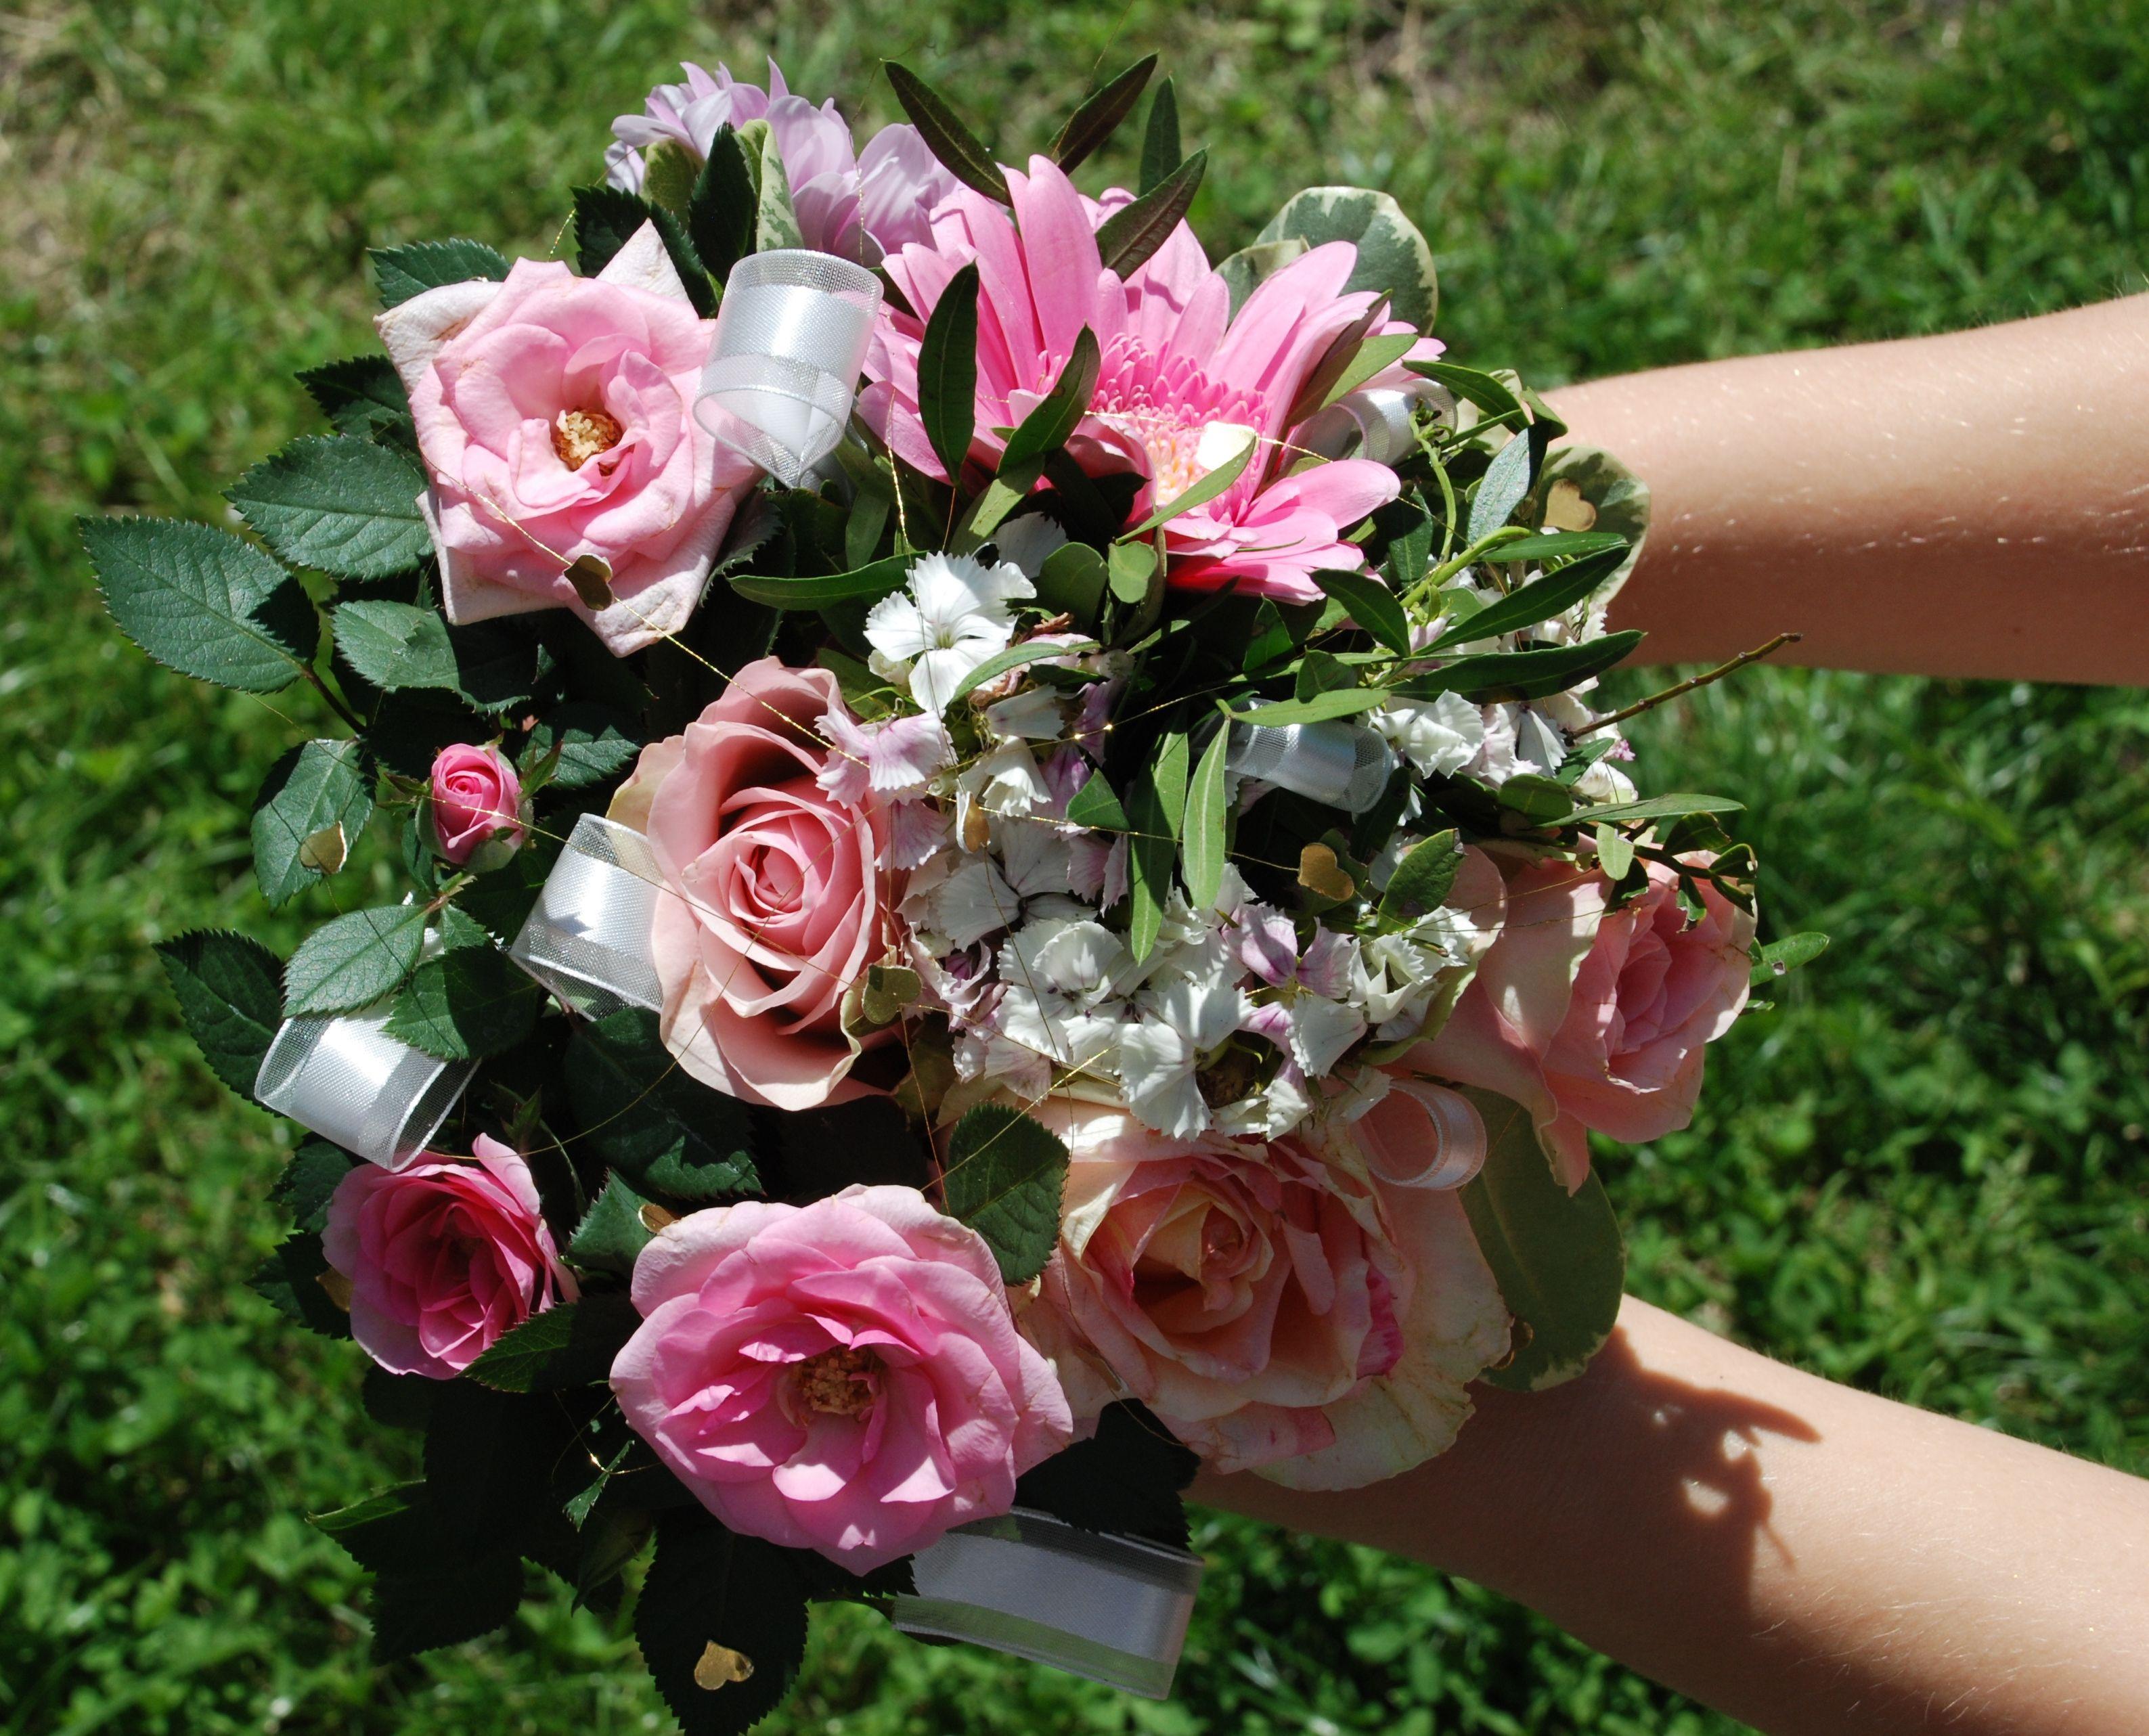 magnifique bouquet de fleurs et de rubans de toutes les. Black Bedroom Furniture Sets. Home Design Ideas